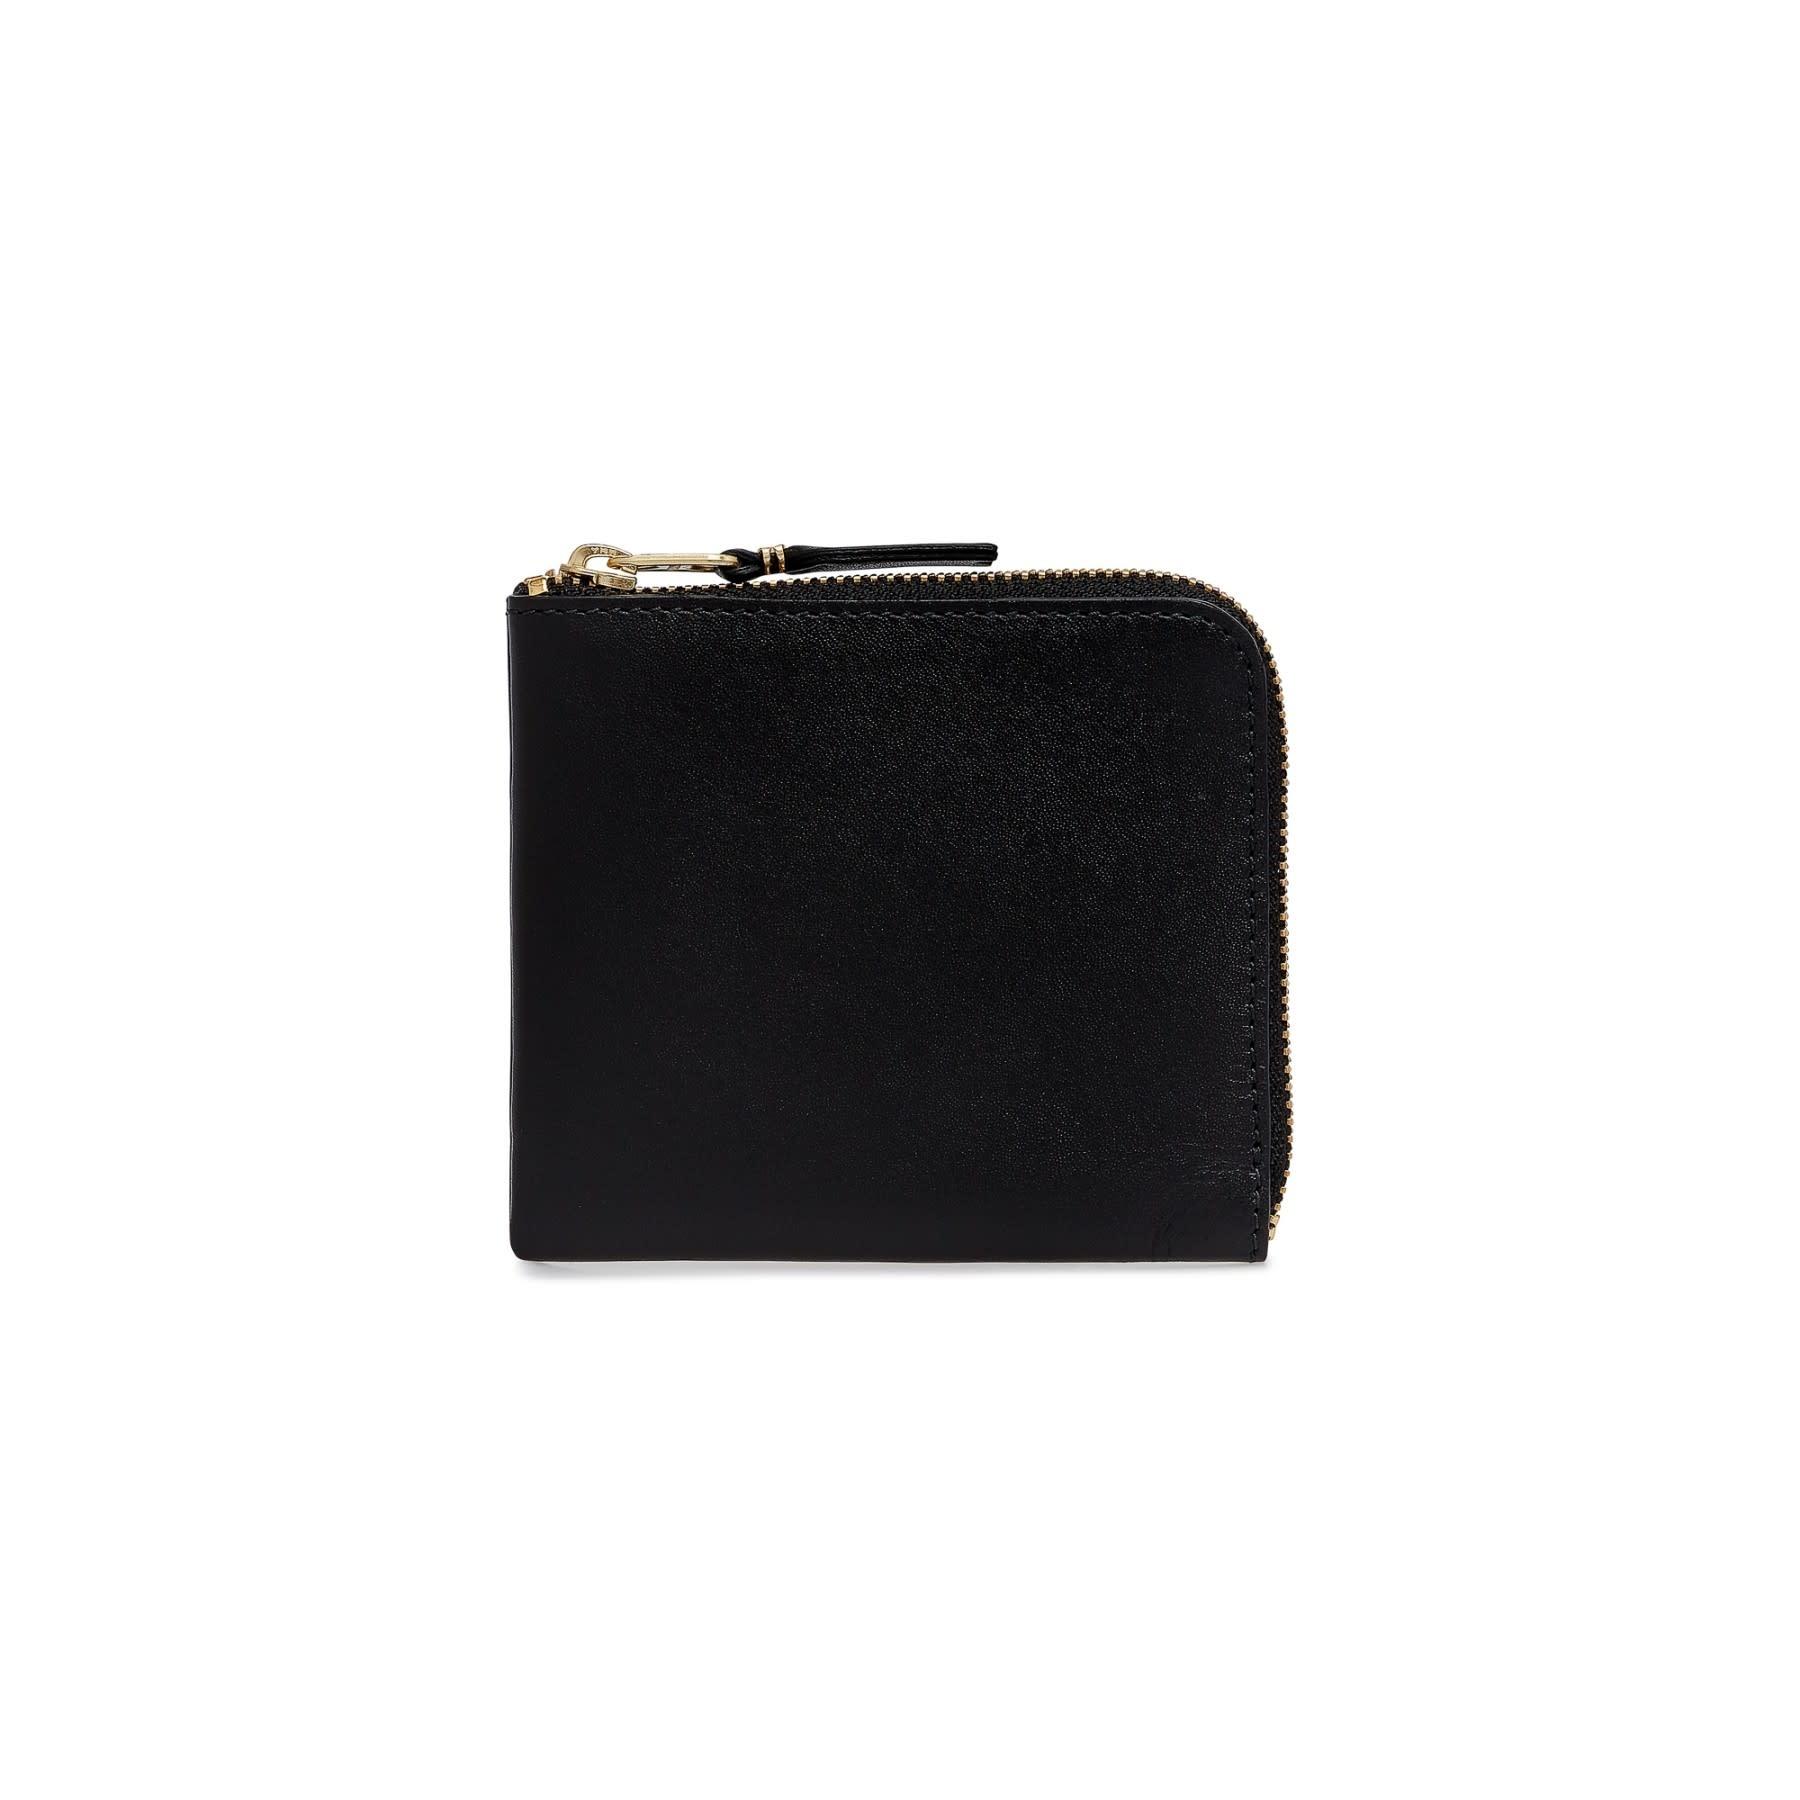 COMME des GARÇONS WALLET Comme des Garçons 1/2 Zip Wallet Classic Black SA3100